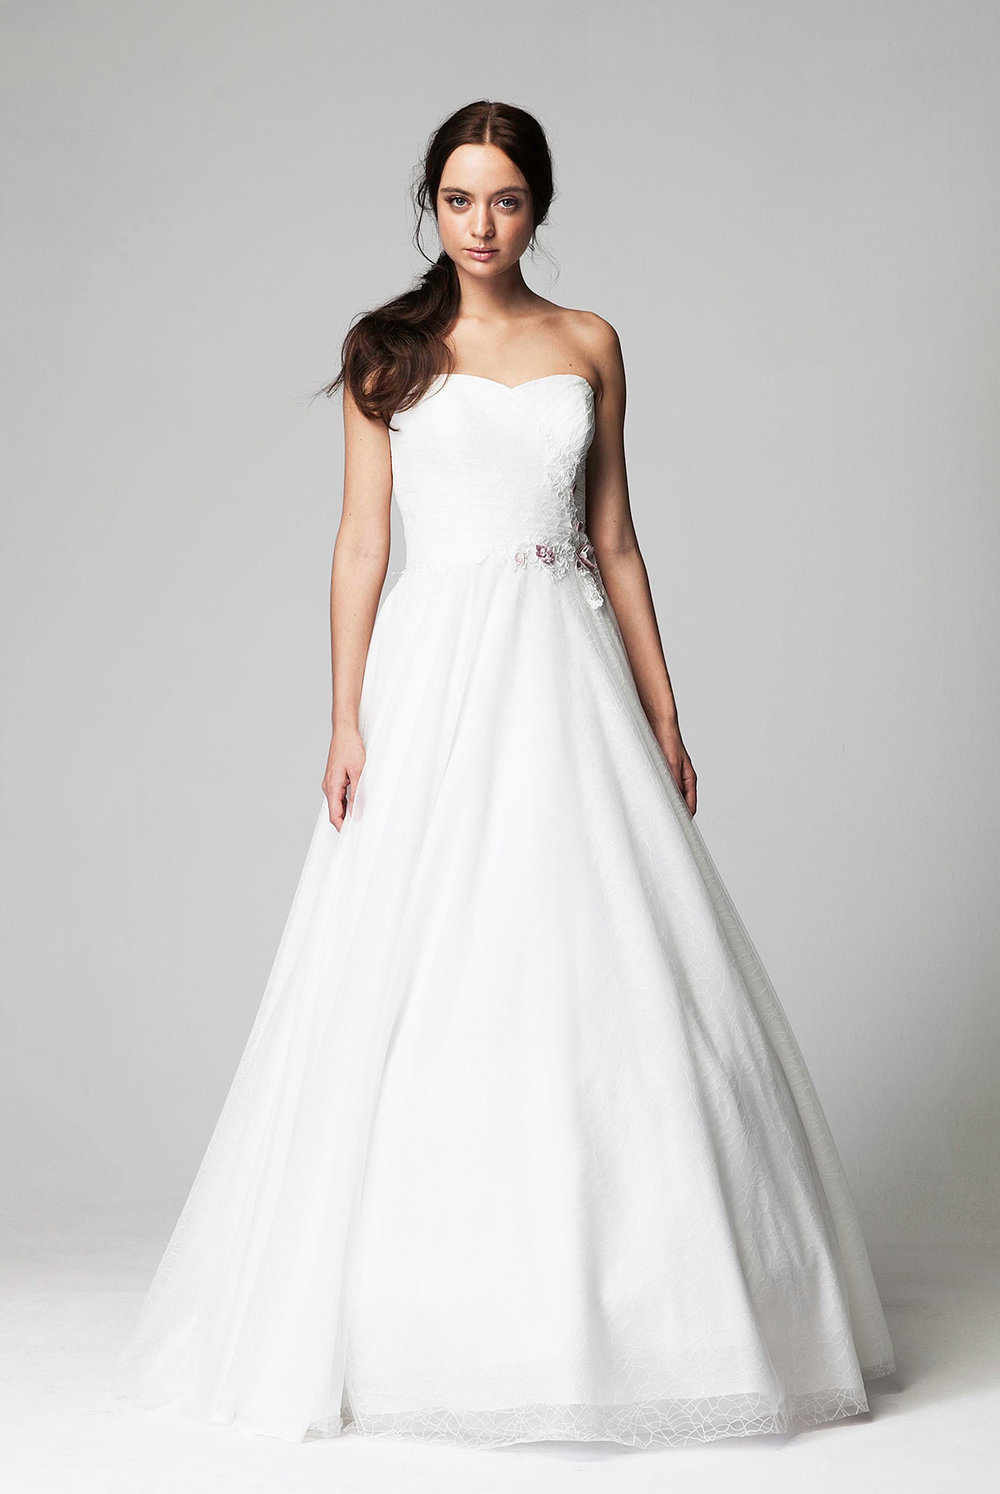 lina_becker_bride_dress_1706_front_02[1].jpg